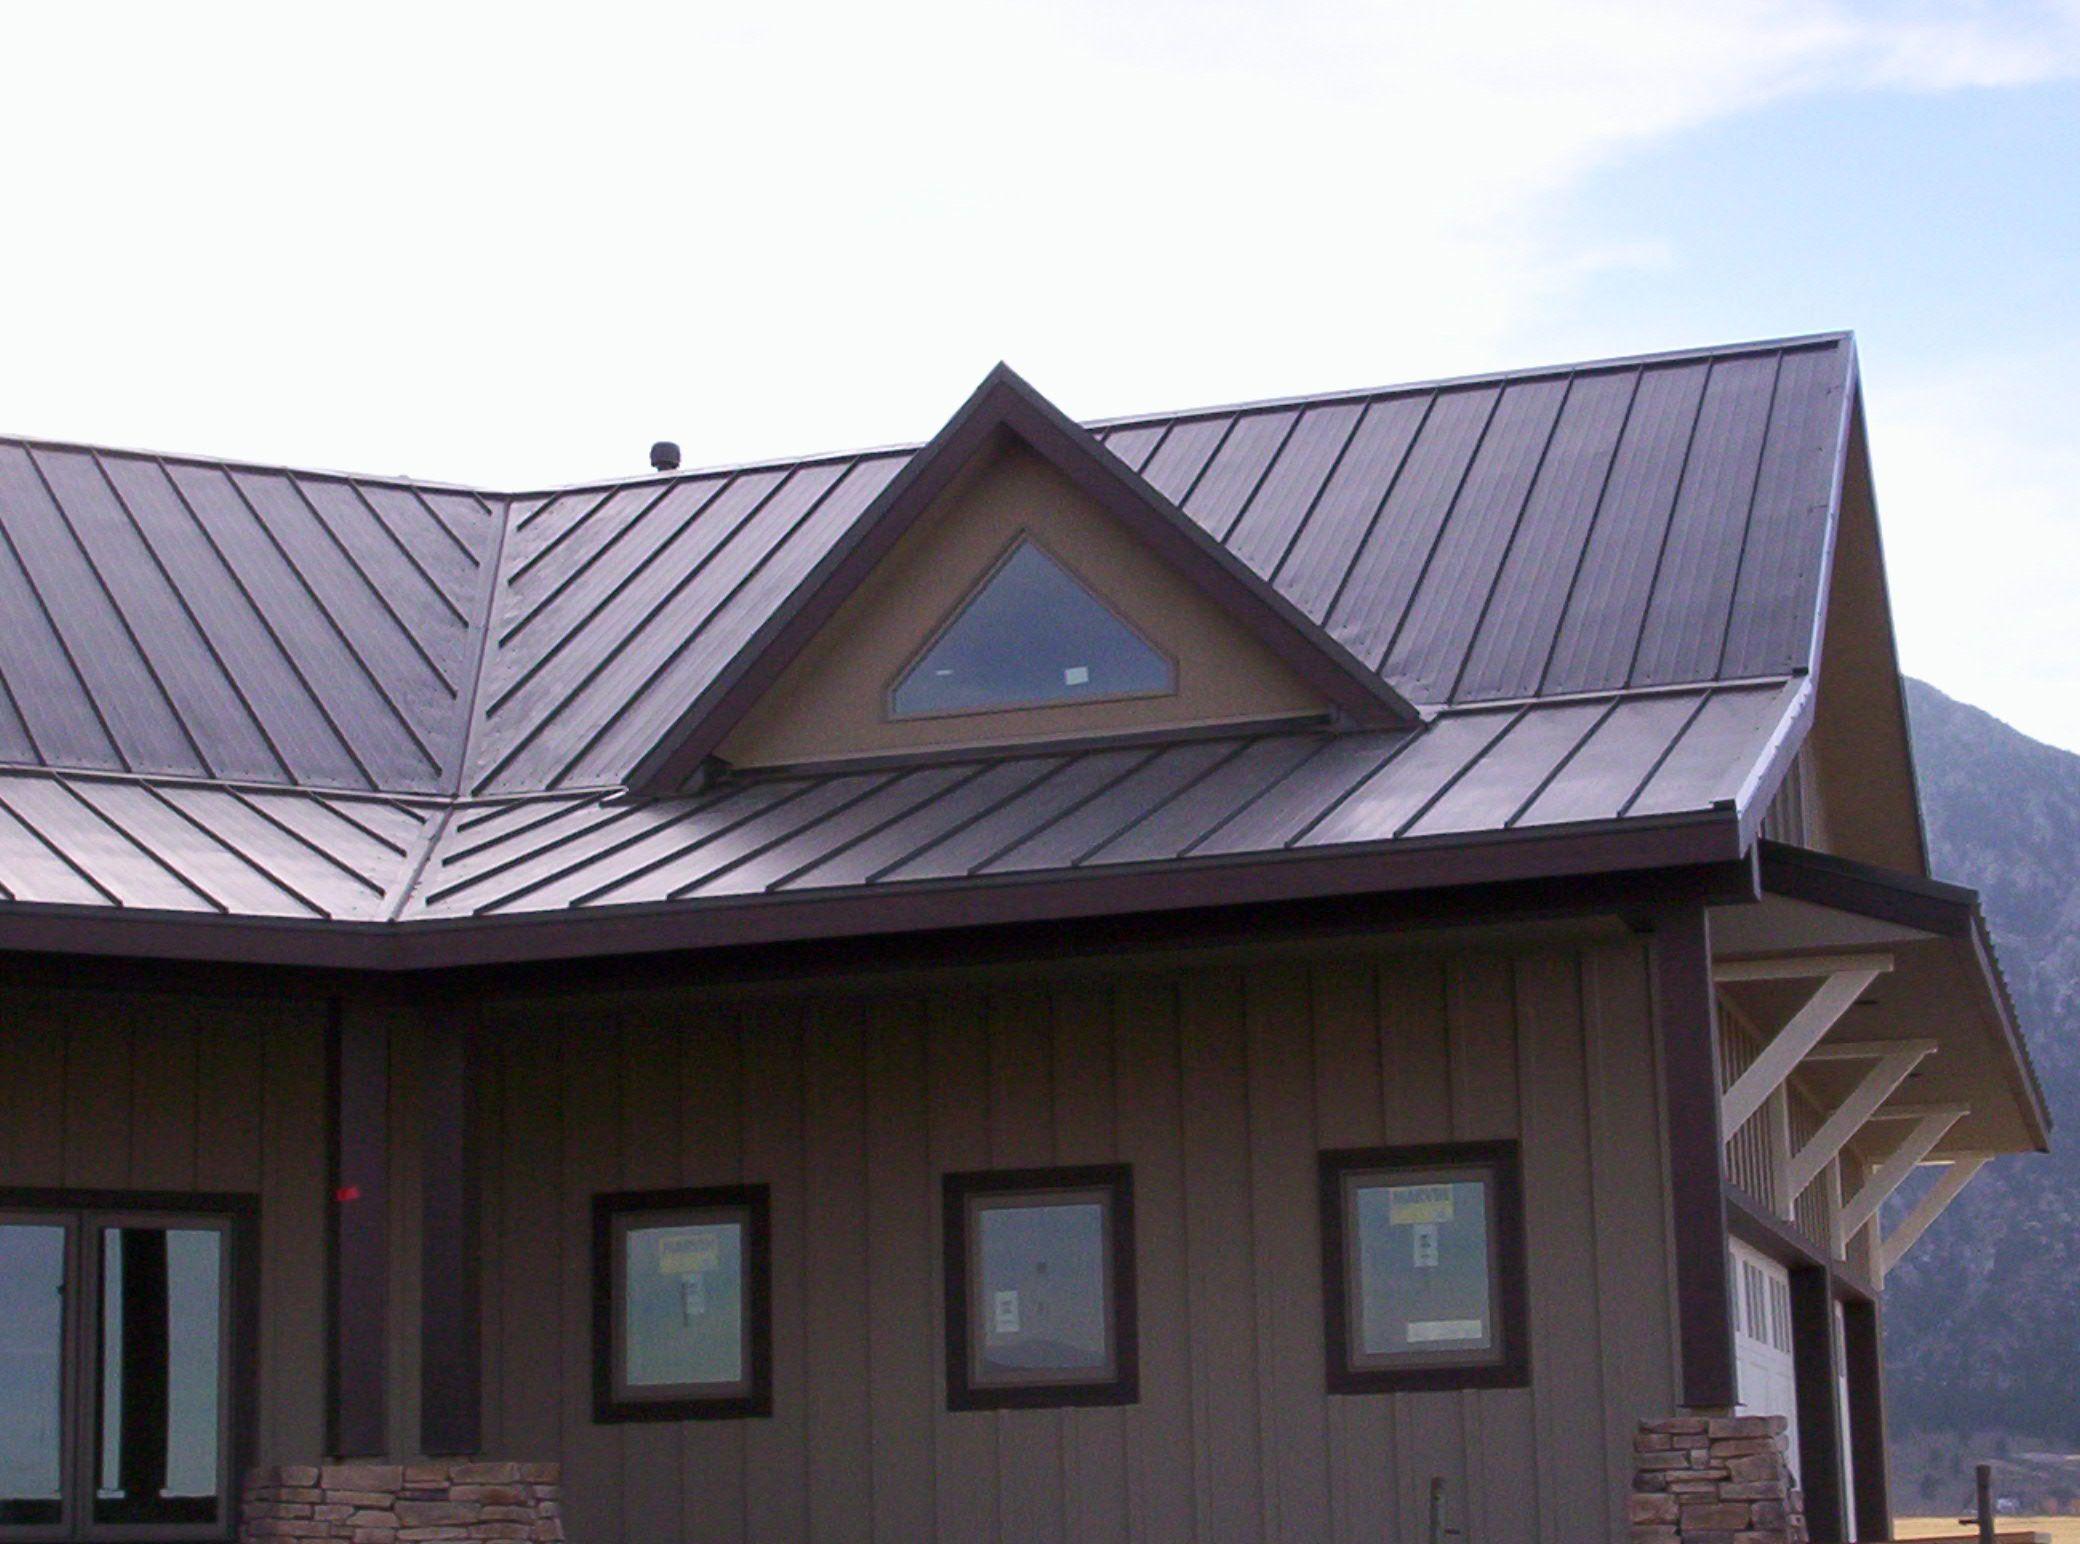 Jumta Segumi Metala Jumti Http Www Prof Lv Buvmateriali Buvmateriali Jumta Segumi Metal Roof Cost Metal Roof Installation Roof Cost